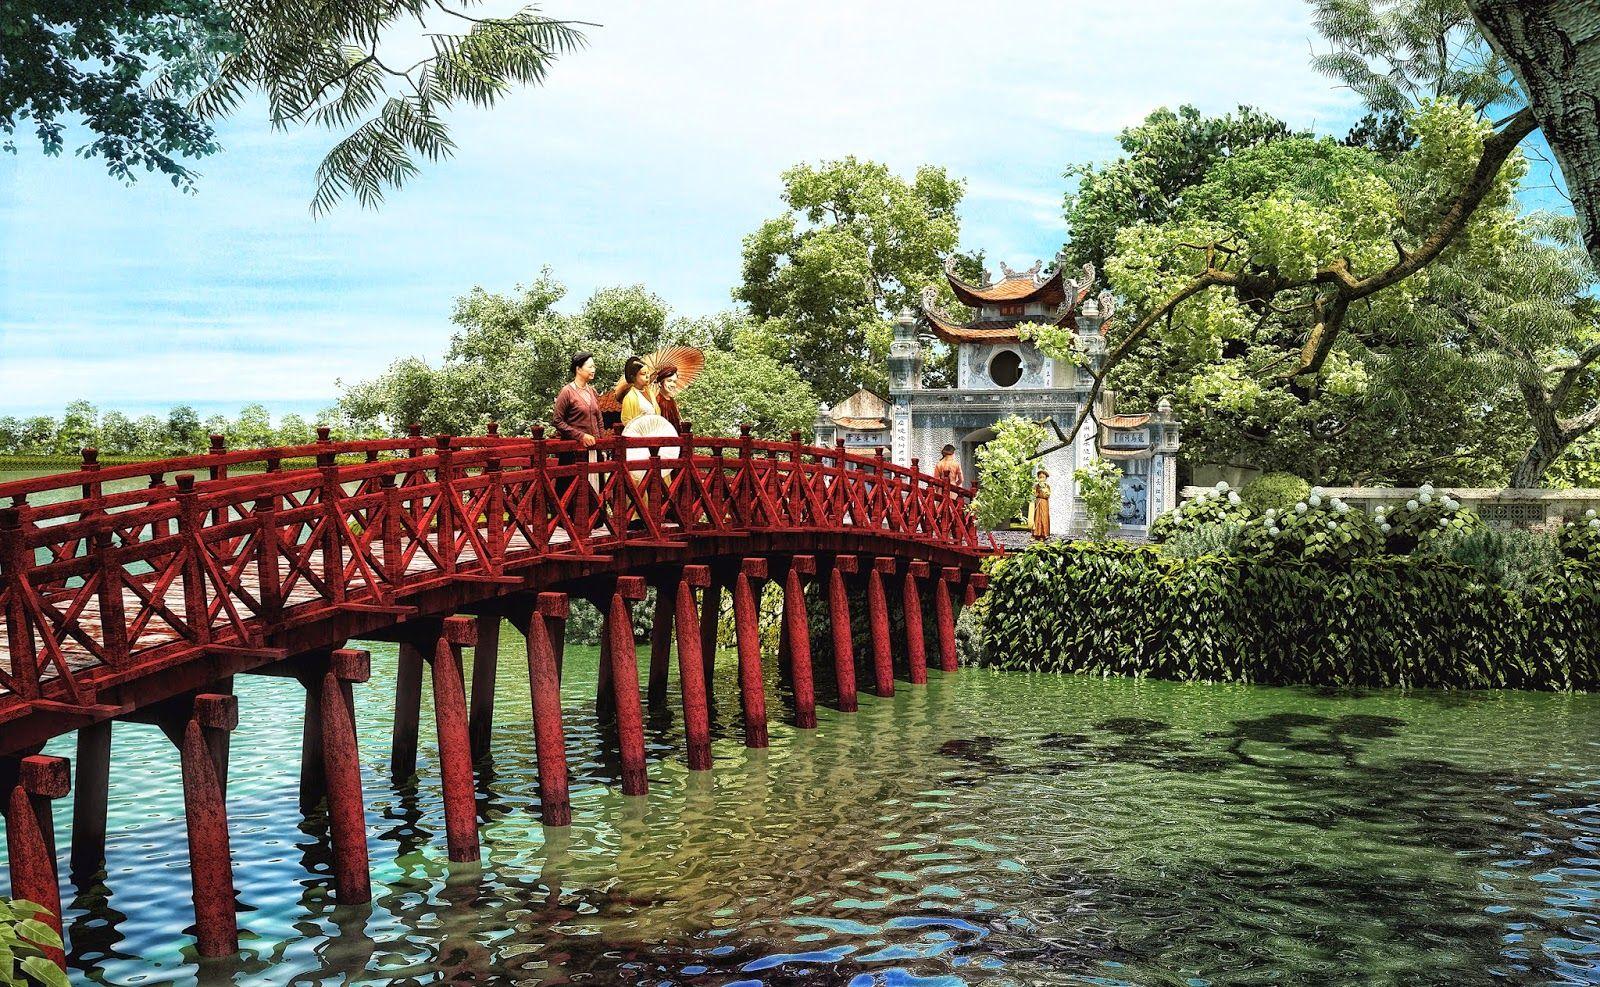 Du lịch trong nước - Cầu Thê Húc thủ đô Hà Nội